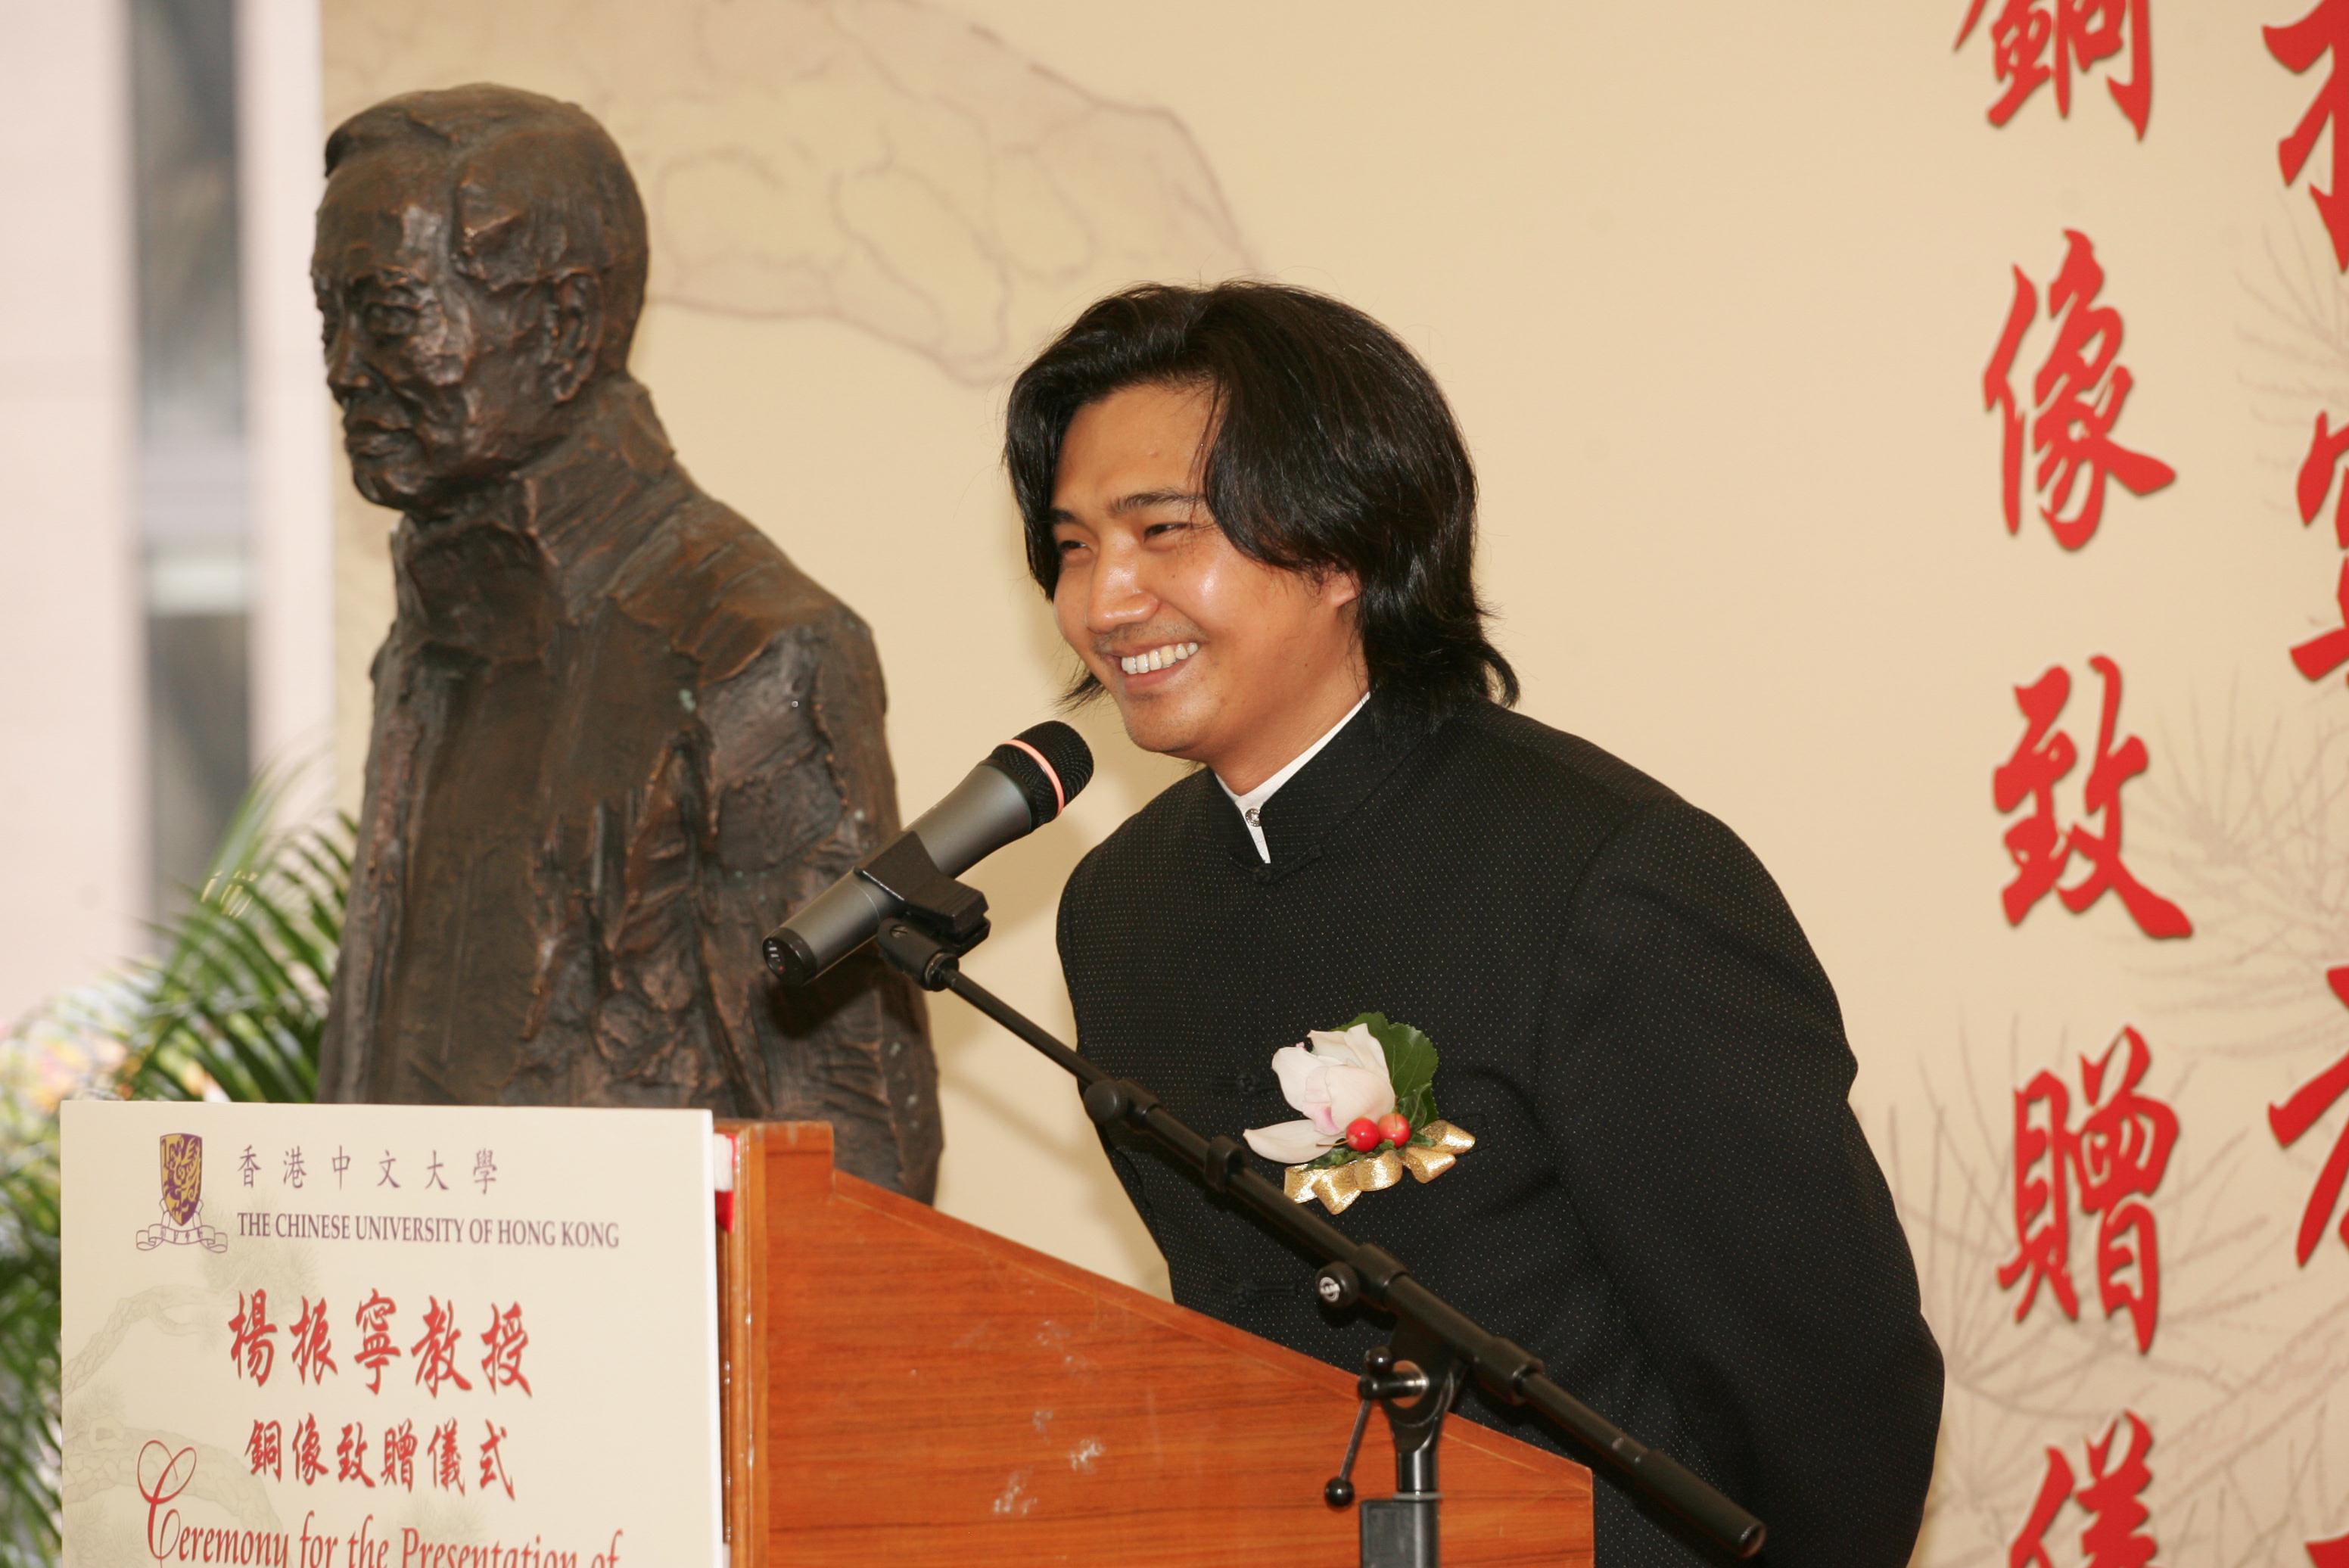 铜像雕塑家及捐赠人吴为山教授致辞